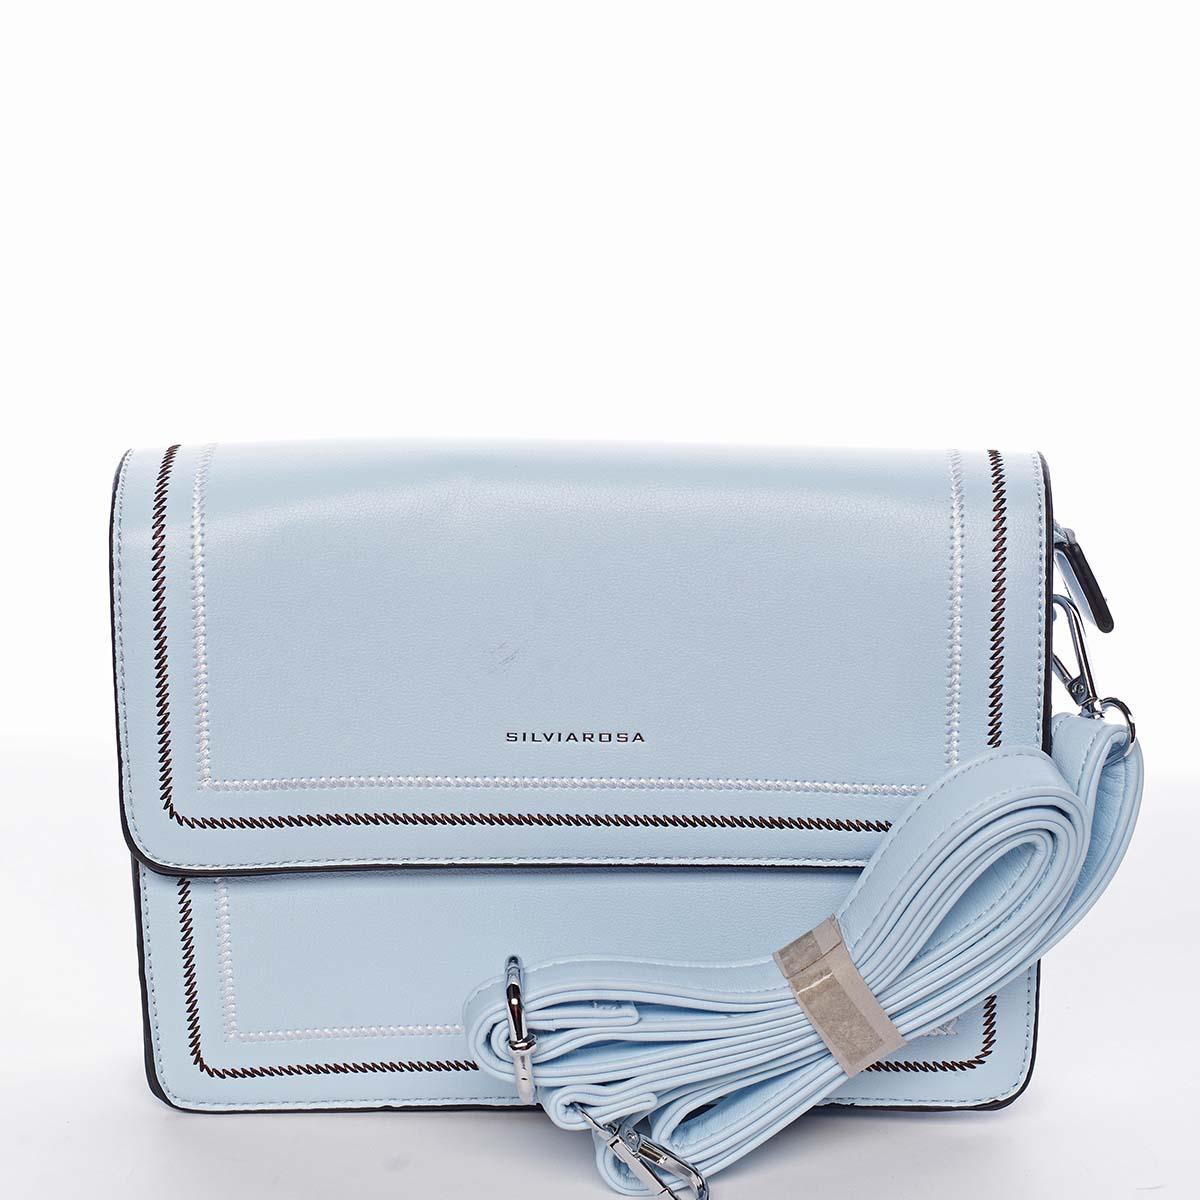 Originálna elegantná crossbody kabelka nebesky modrá - Silvia Rosa Cielo